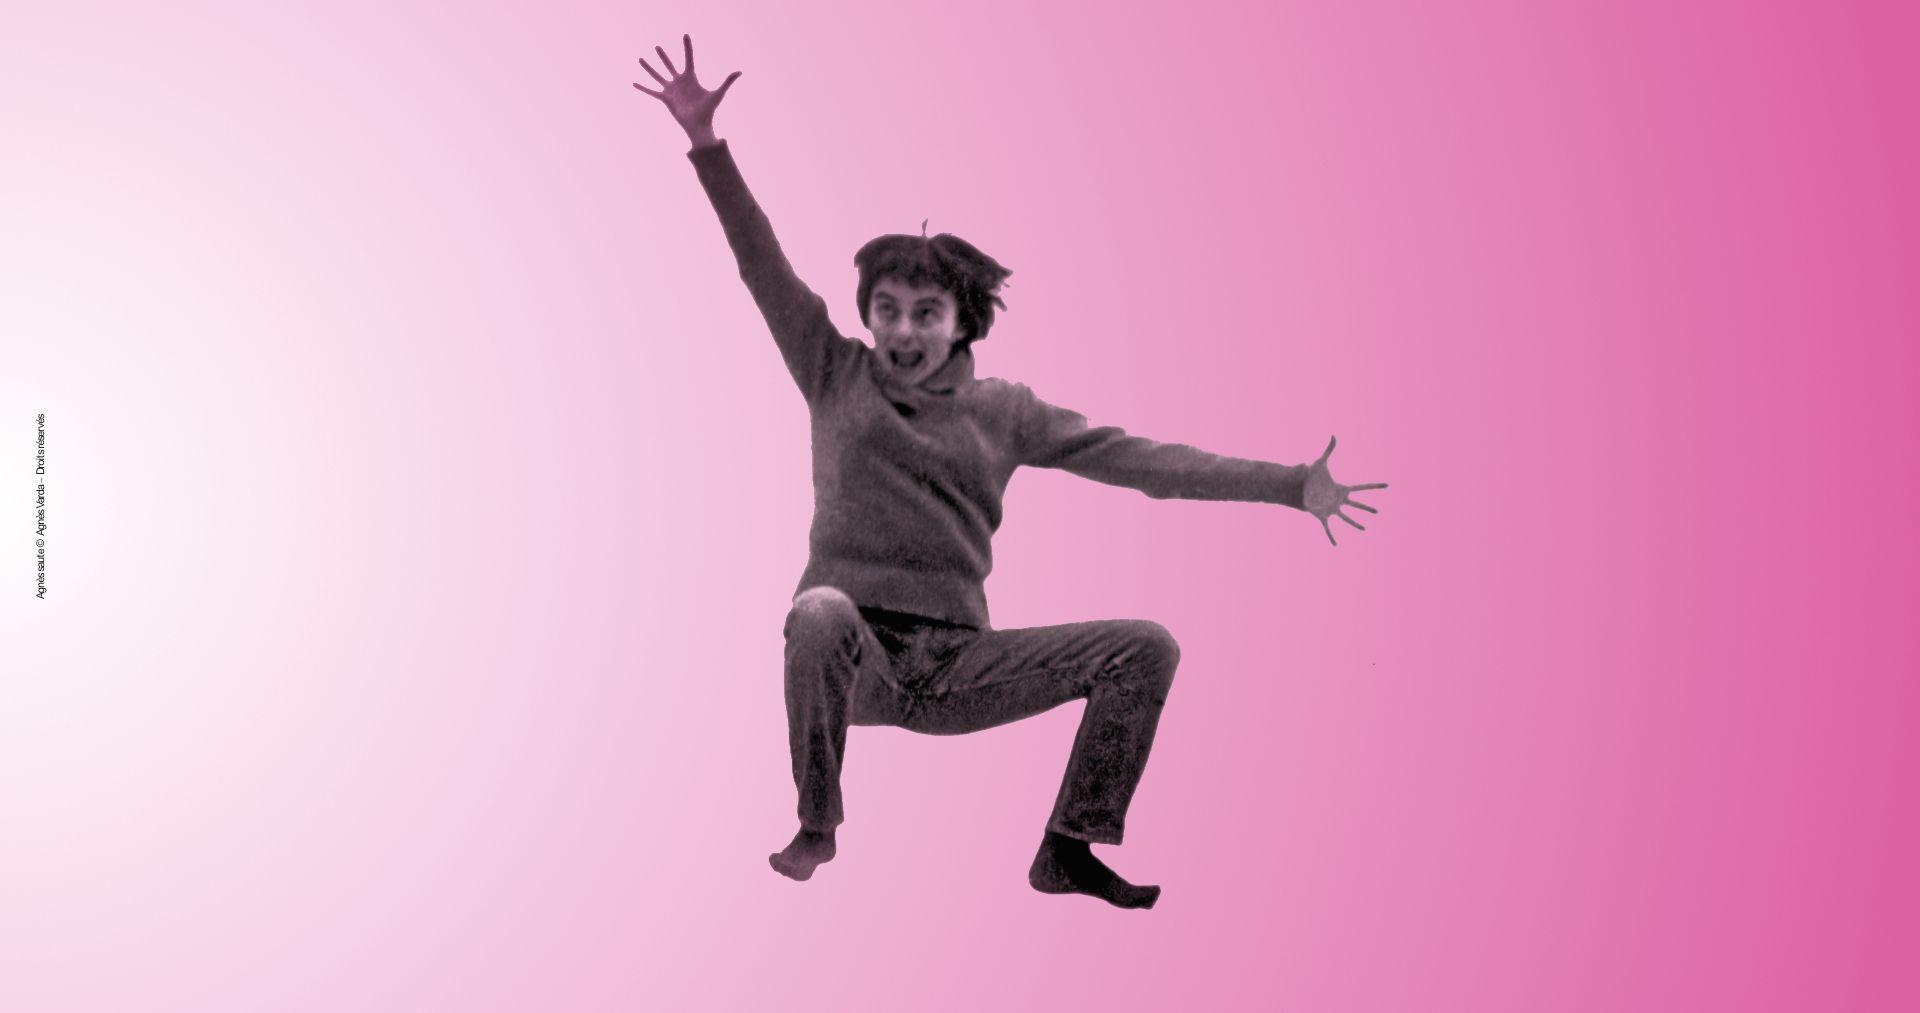 Agnès Varda saute - Agnès Varda tous droits réservés